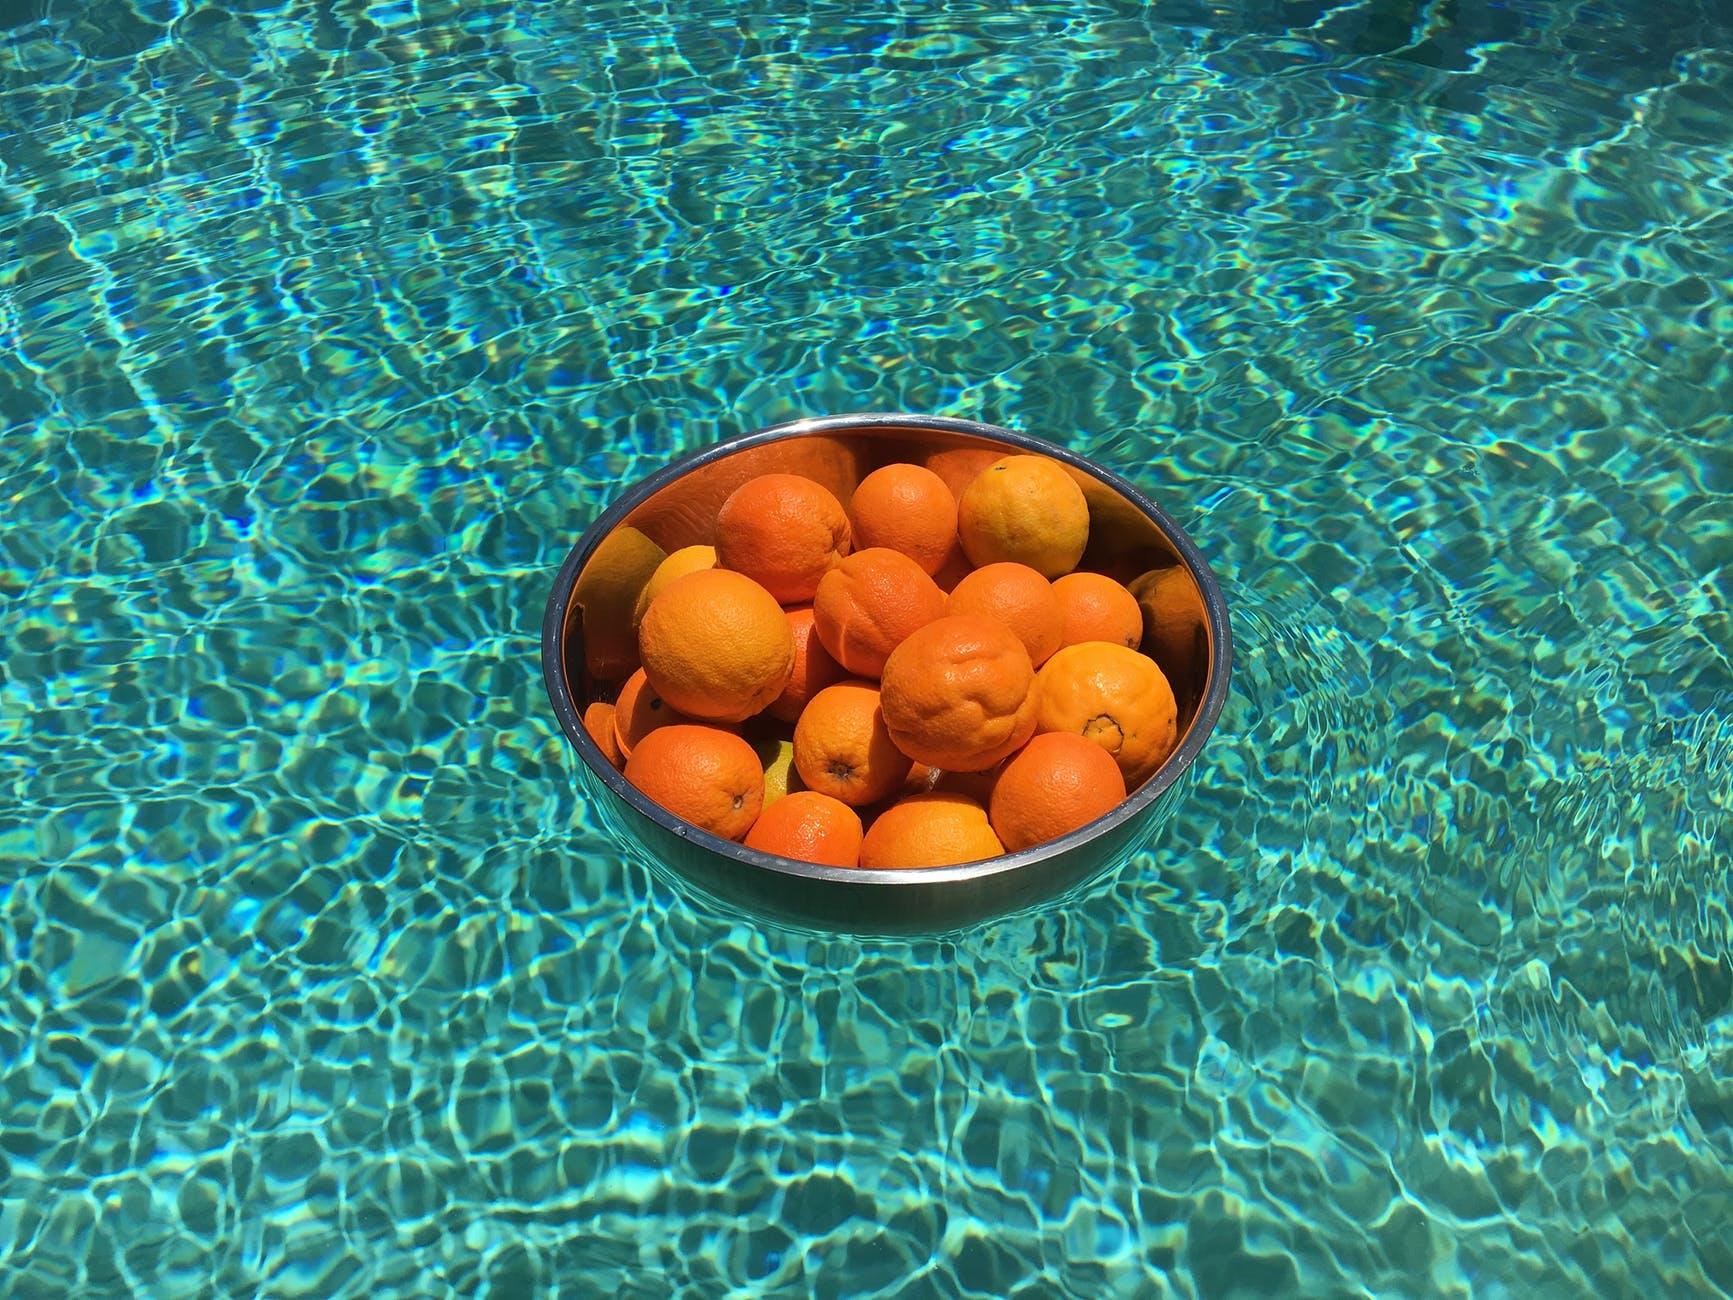 food bar, pool supplies, yescomusa, floating bar